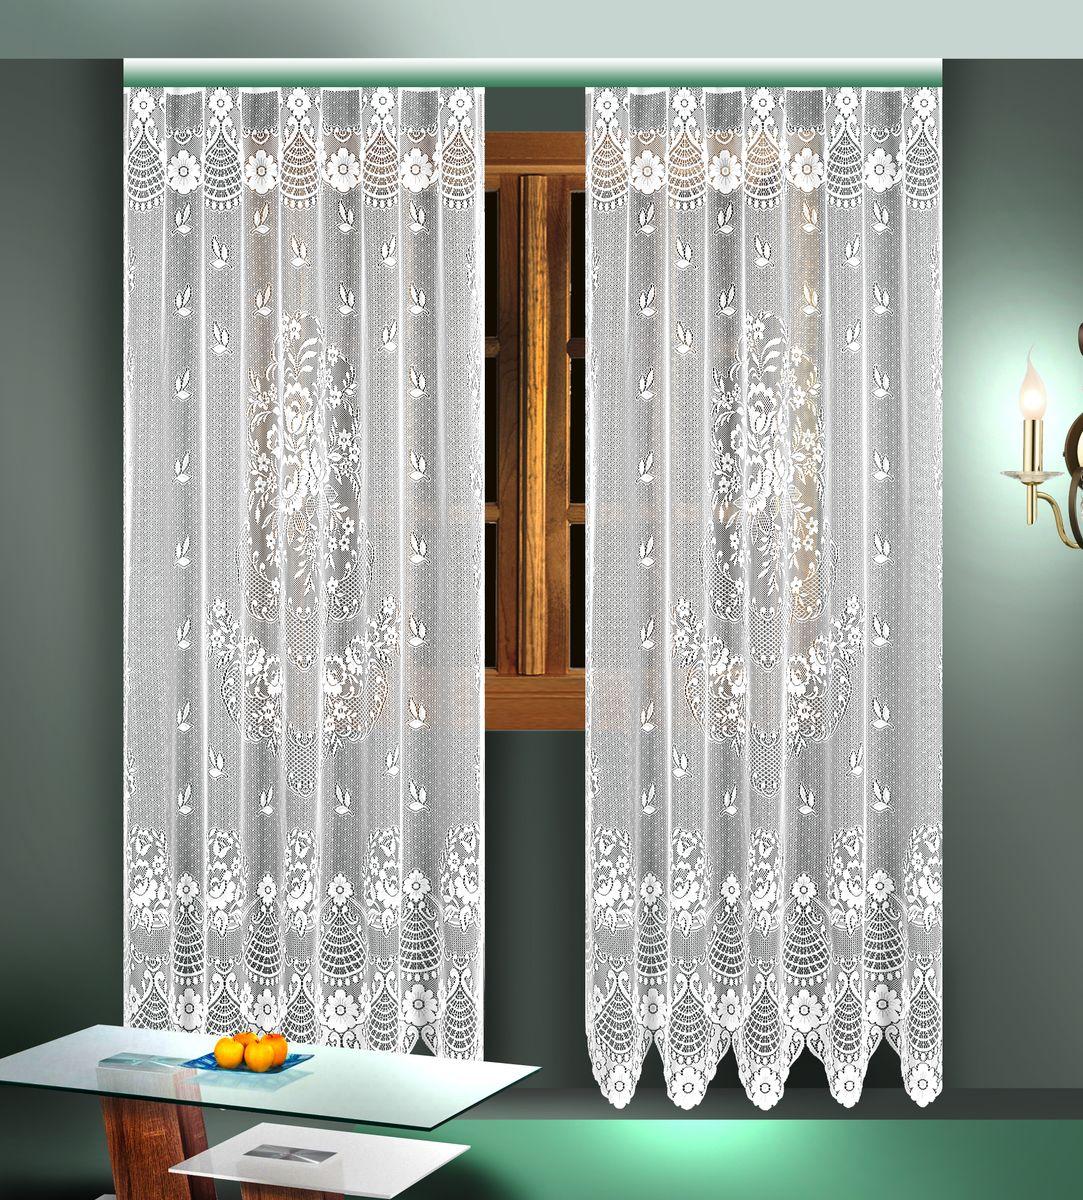 Комплект гардин Zlata Korunka, цвет: белый, высота 245 см. 88824 комплект гардин wisanhref